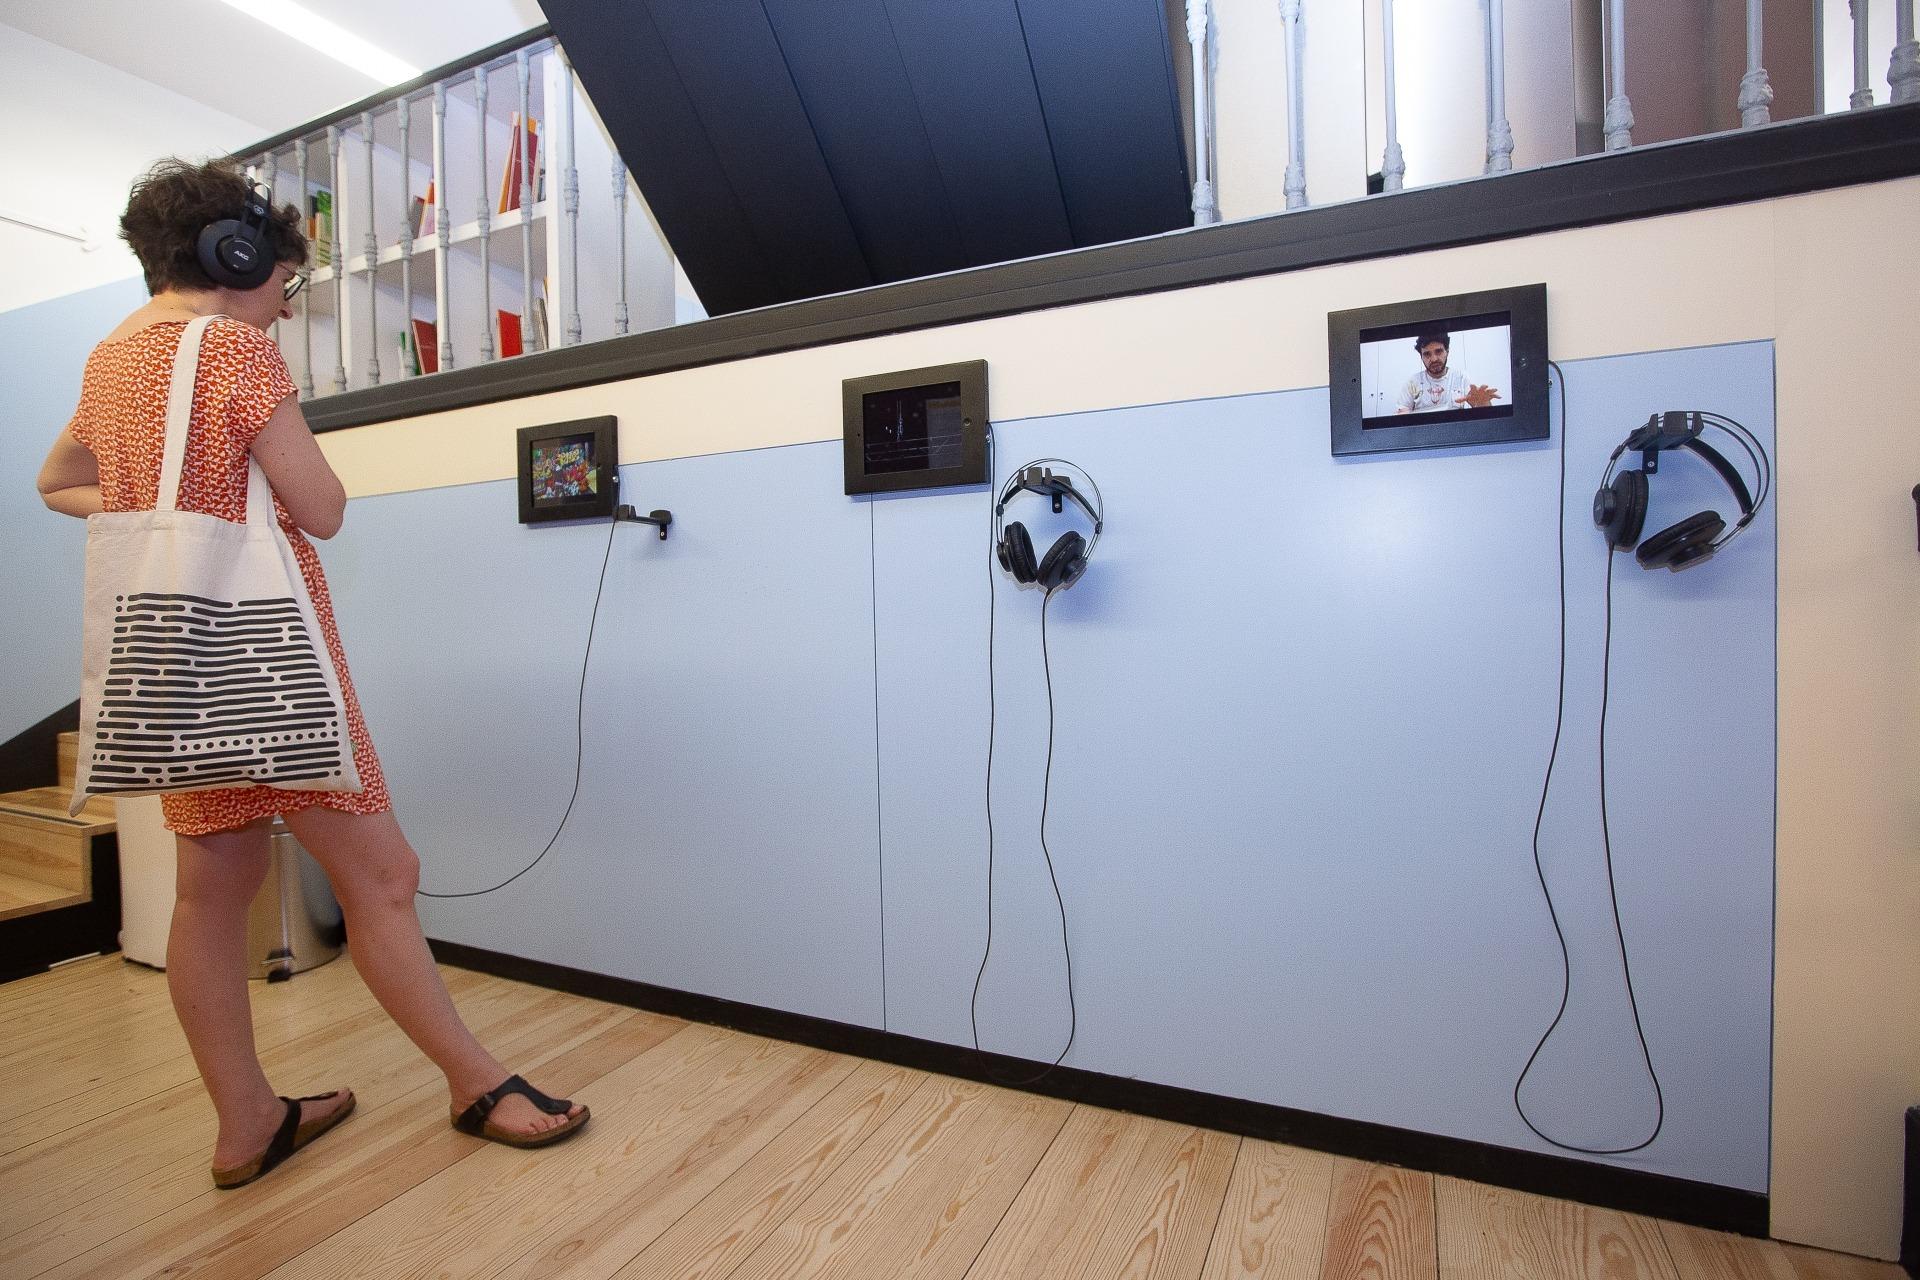 Fotografia do espaço dos pontos de escuta: uma mulher com auscultadores olha para os três ipad na paredes.